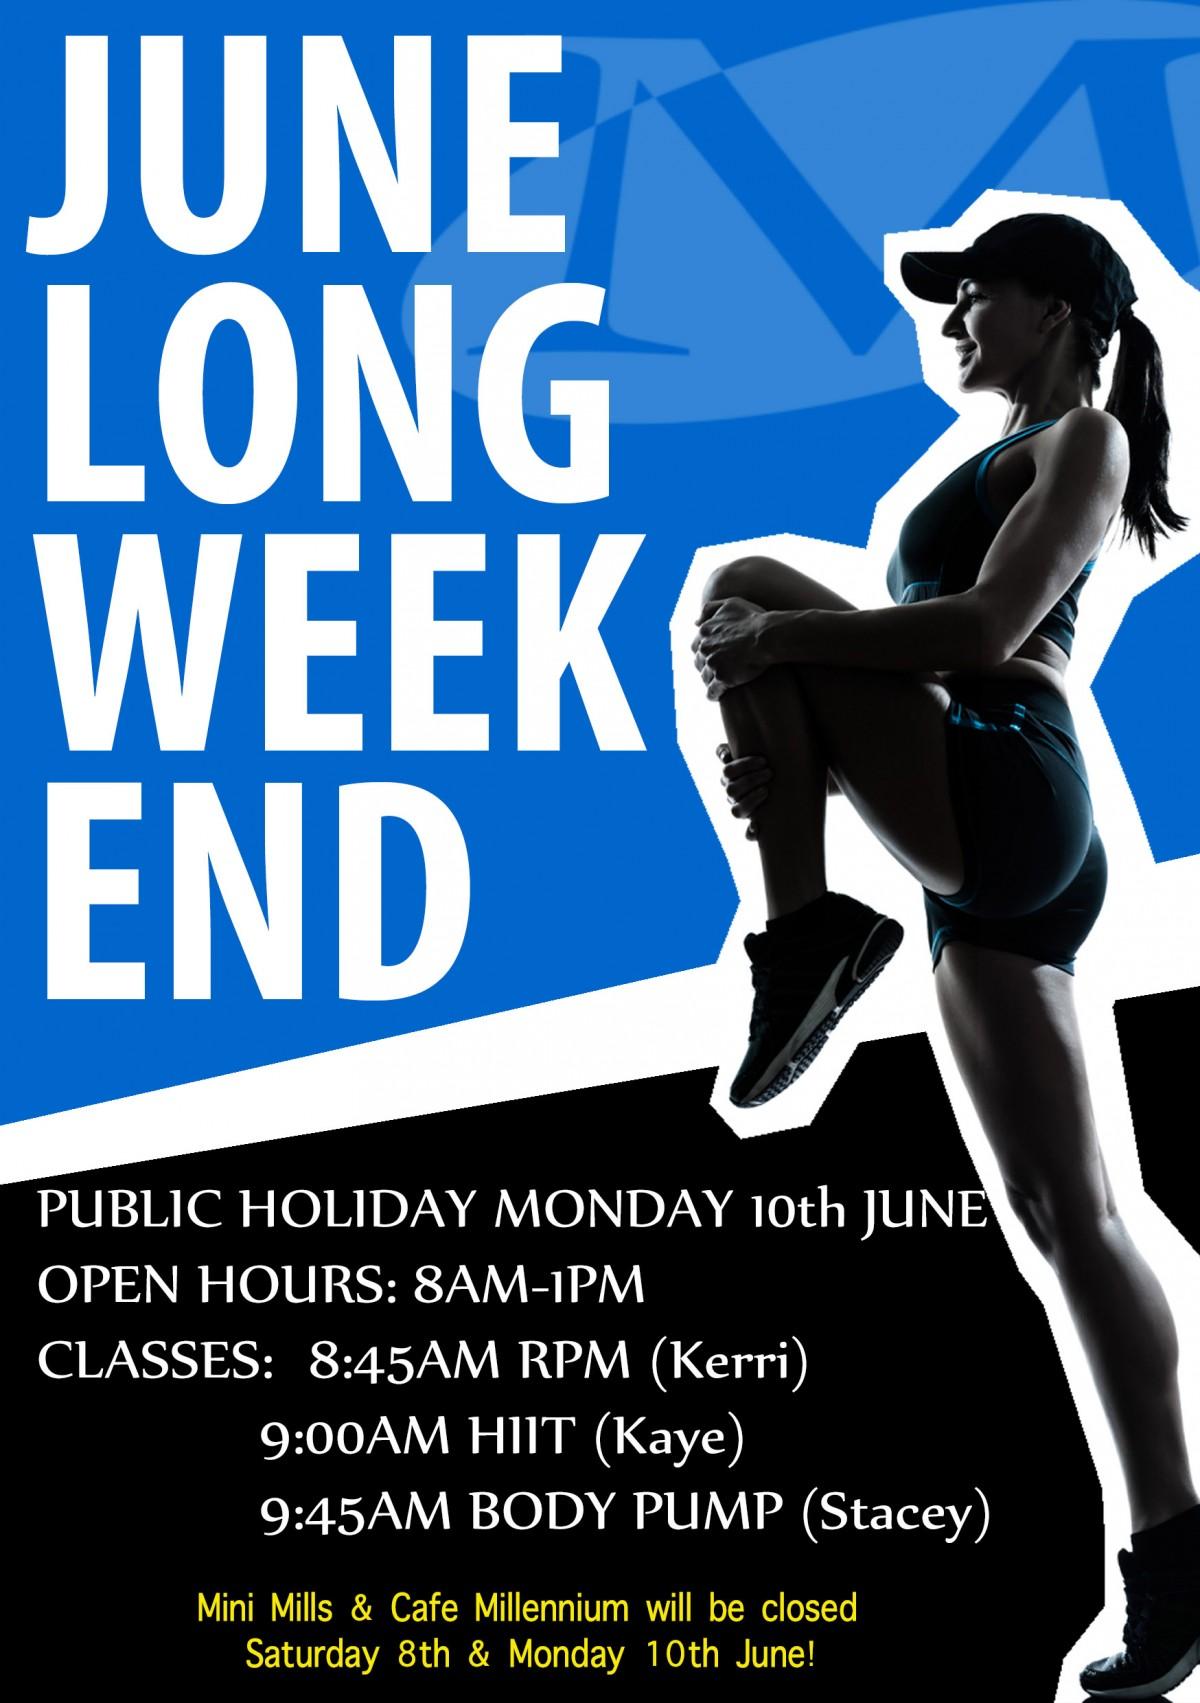 June Long Weekend Hours WAITARA 2019